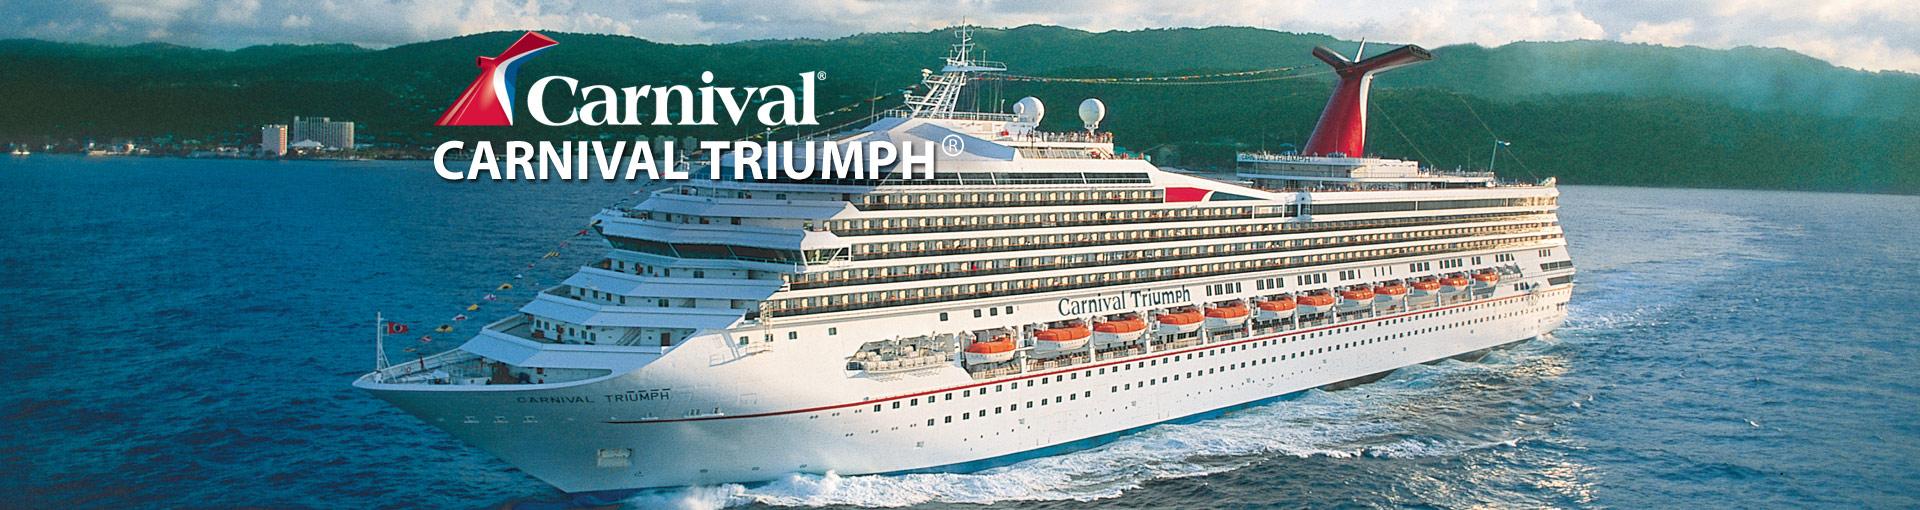 Carnival Triumph Cruise Ship 2018 And 2019 Carnival